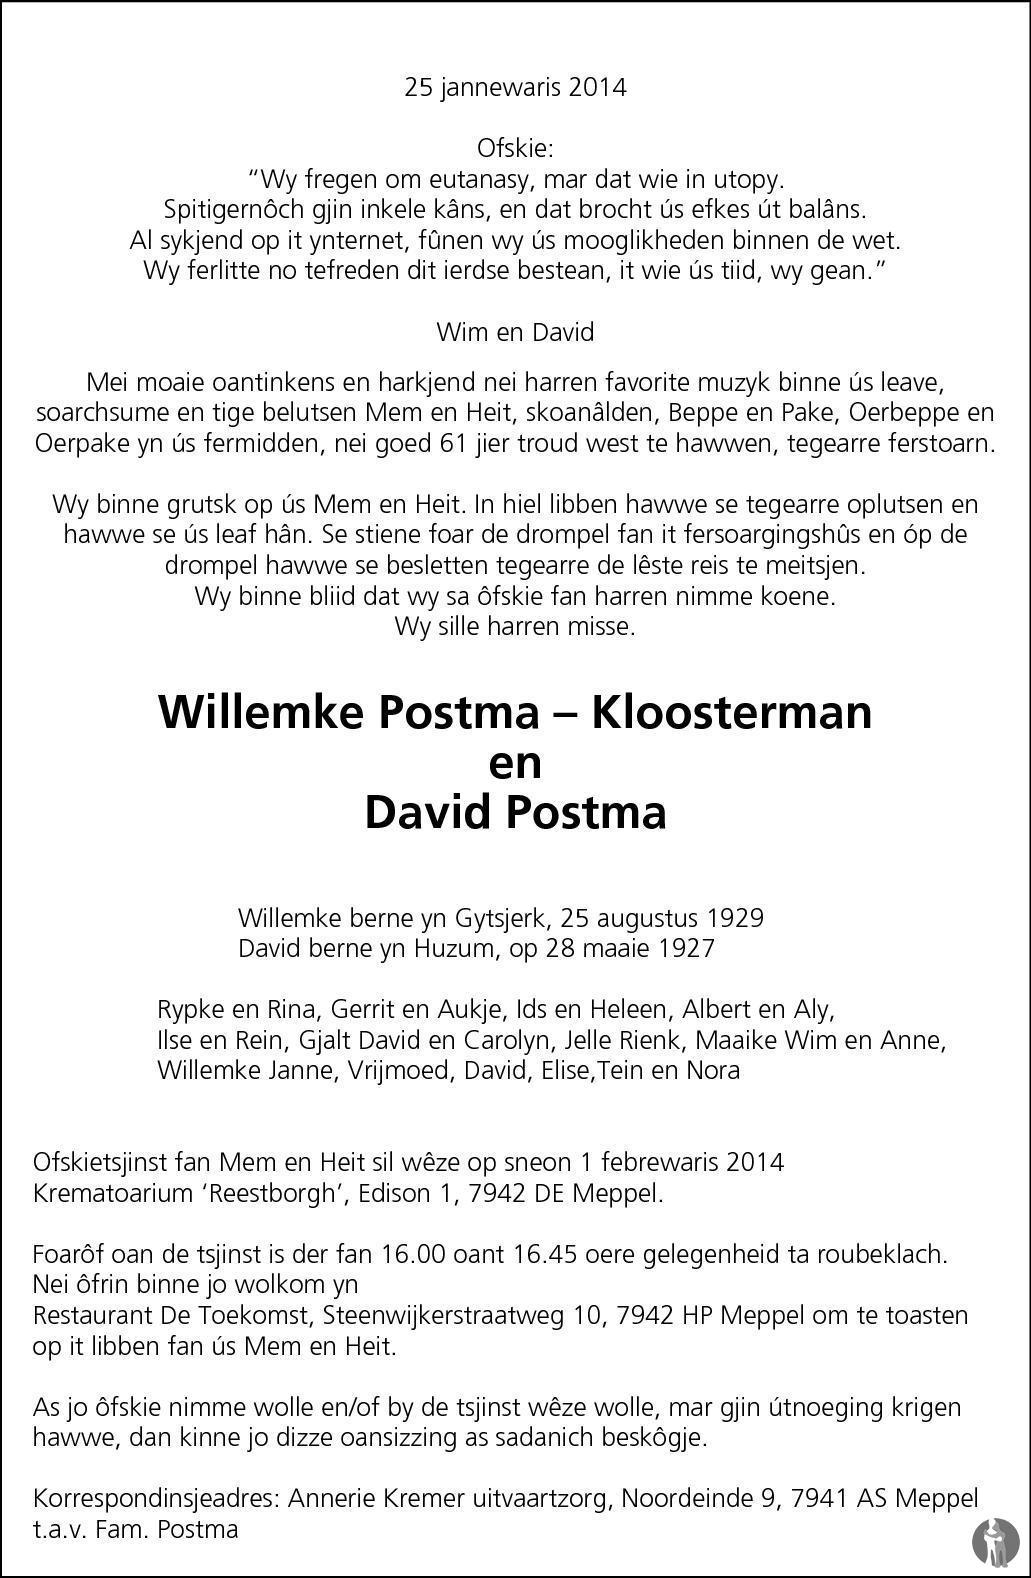 Overlijdensbericht van Willemke en David Postma - Kloosterman in Leeuwarder Courant